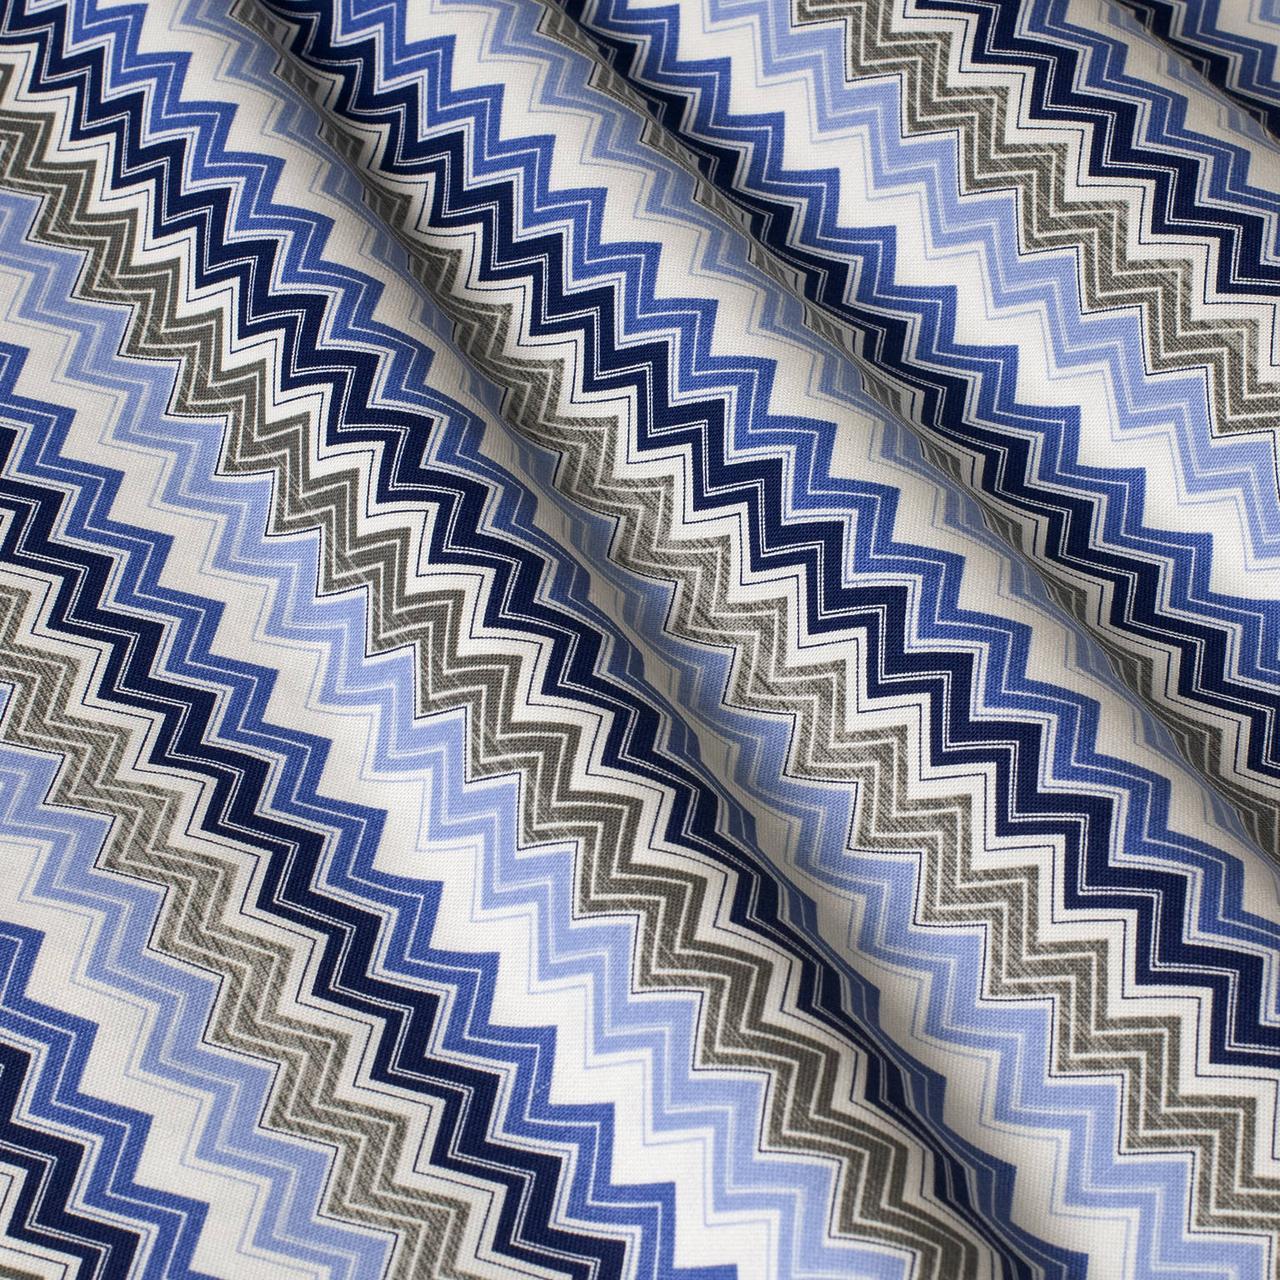 Декоративна тканина зигзаги міссоні сині білі Туреччина 88007v7